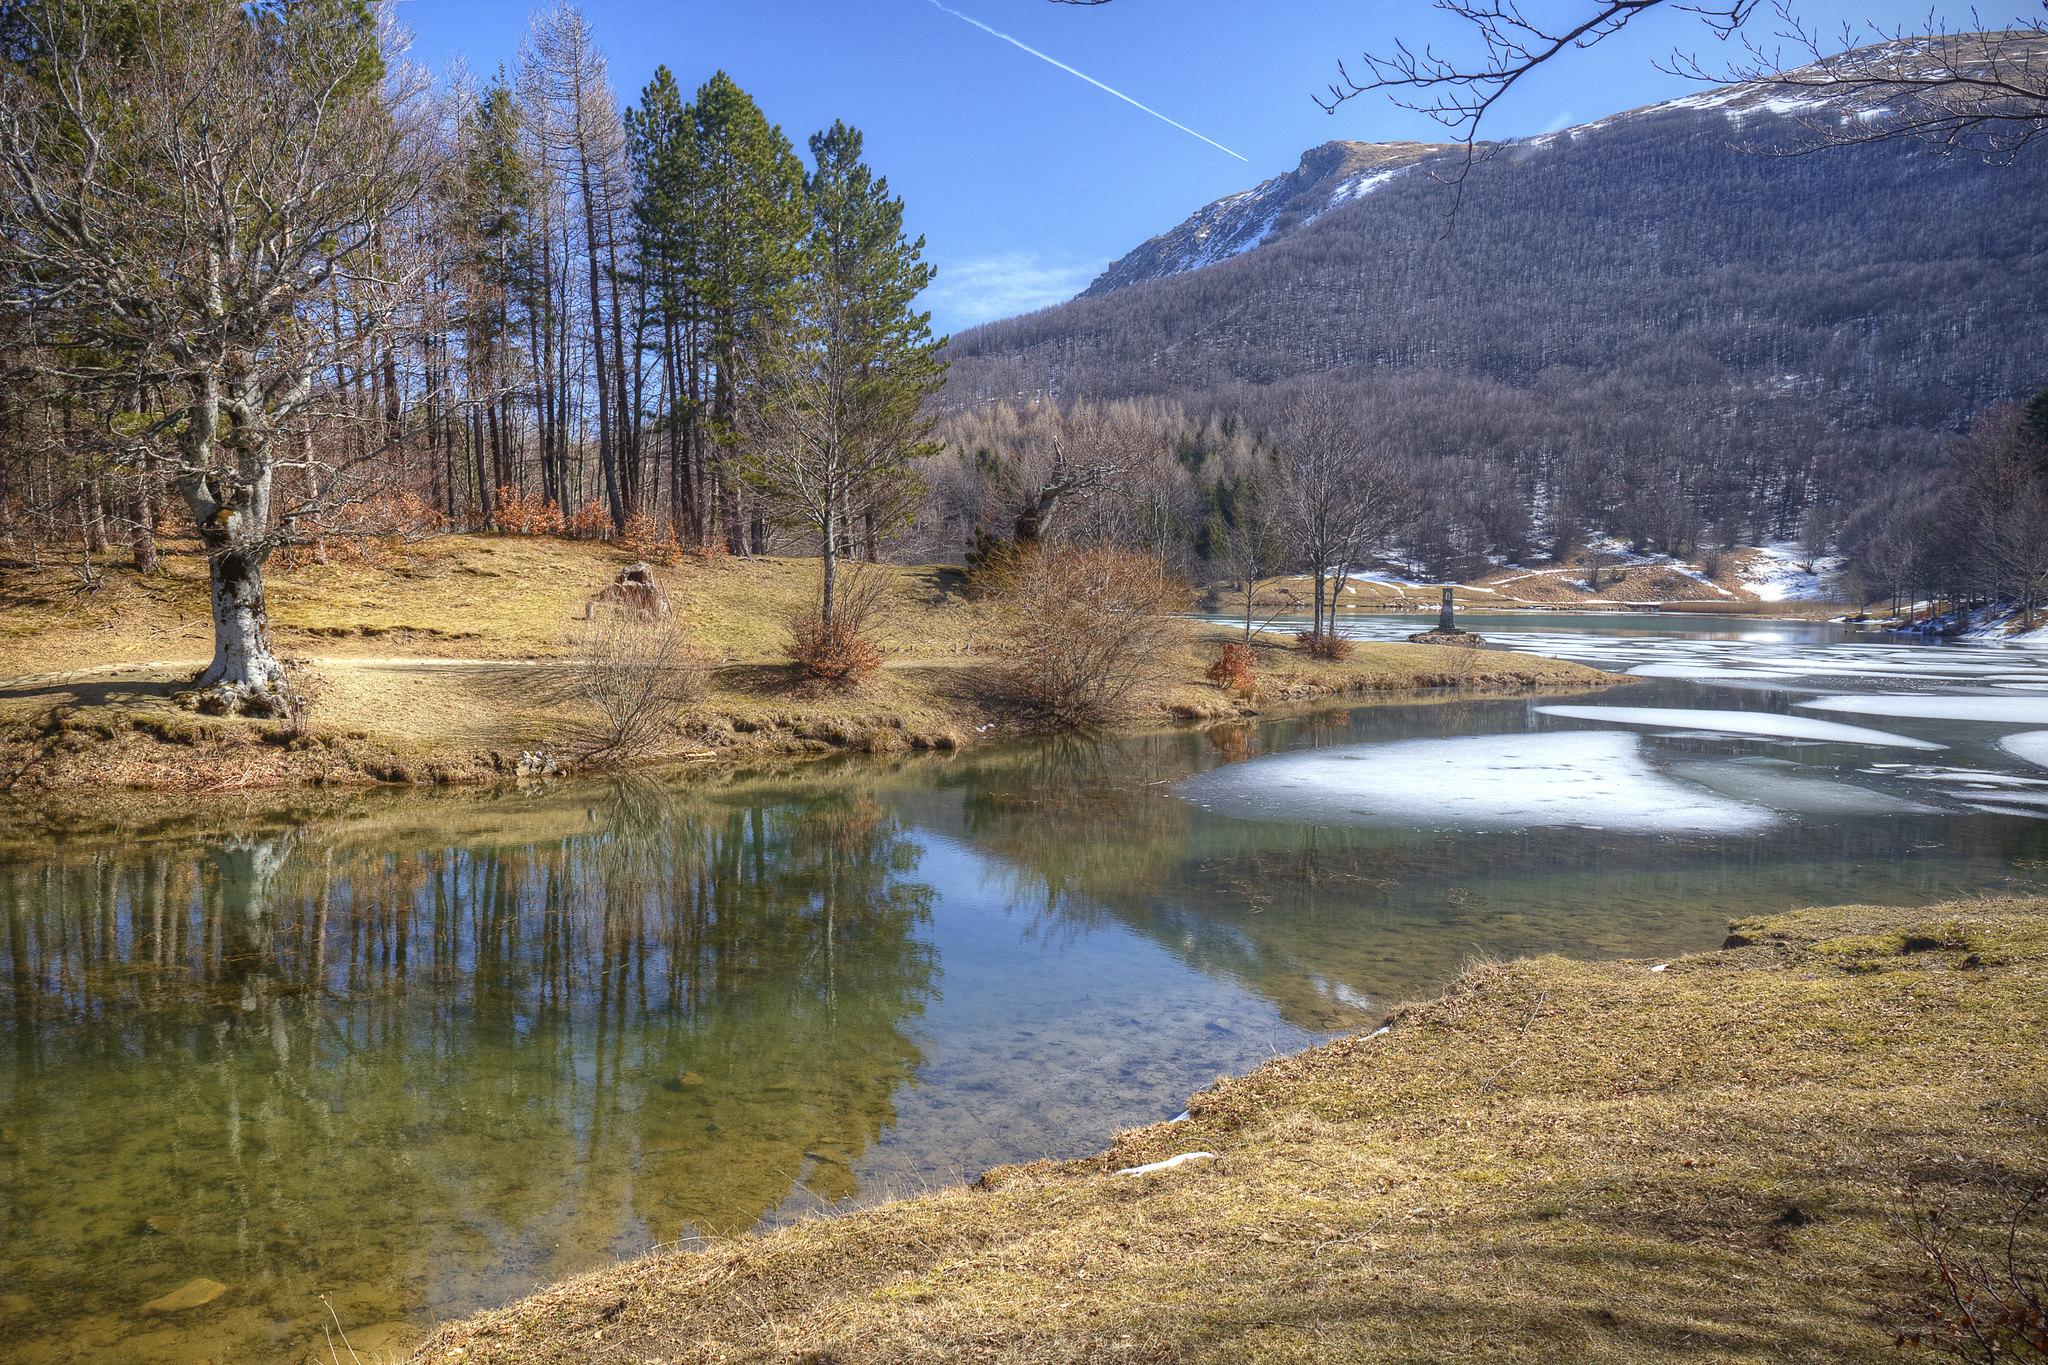 Lago Calamone Monte Ventasso trekking